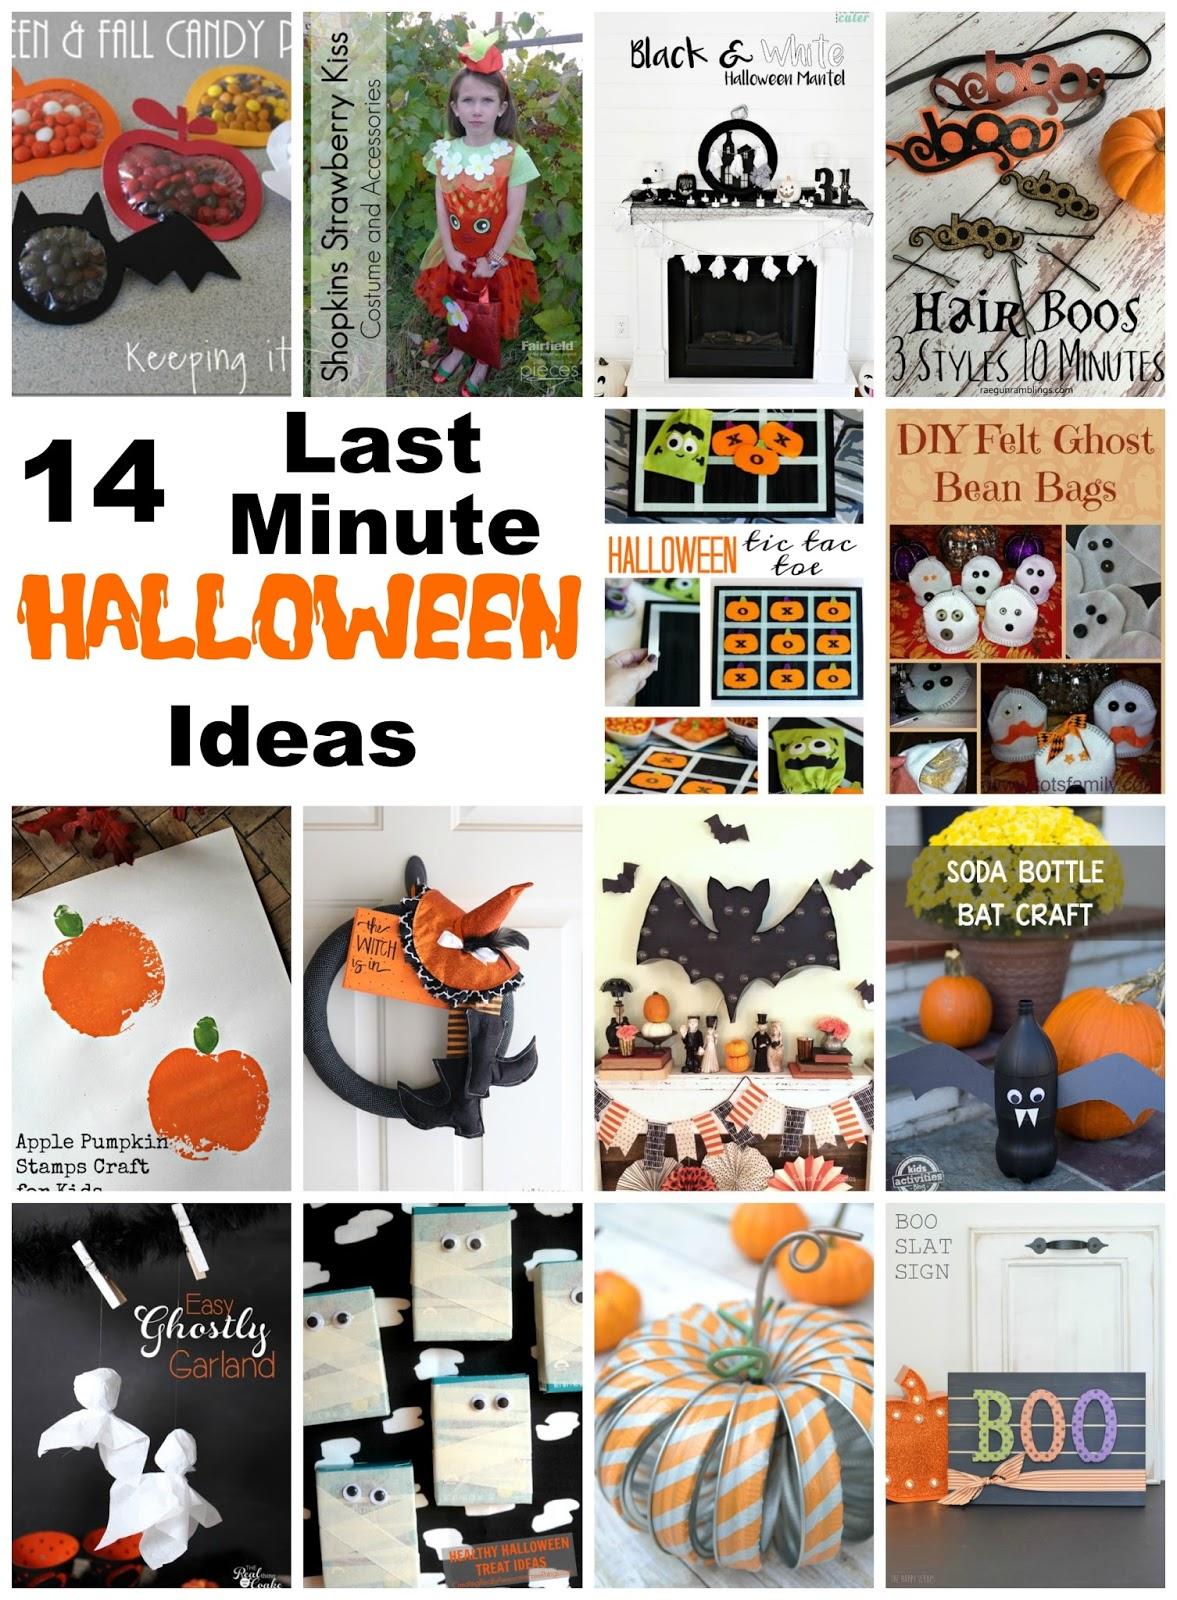 14 Last Minute Halloween Ideas